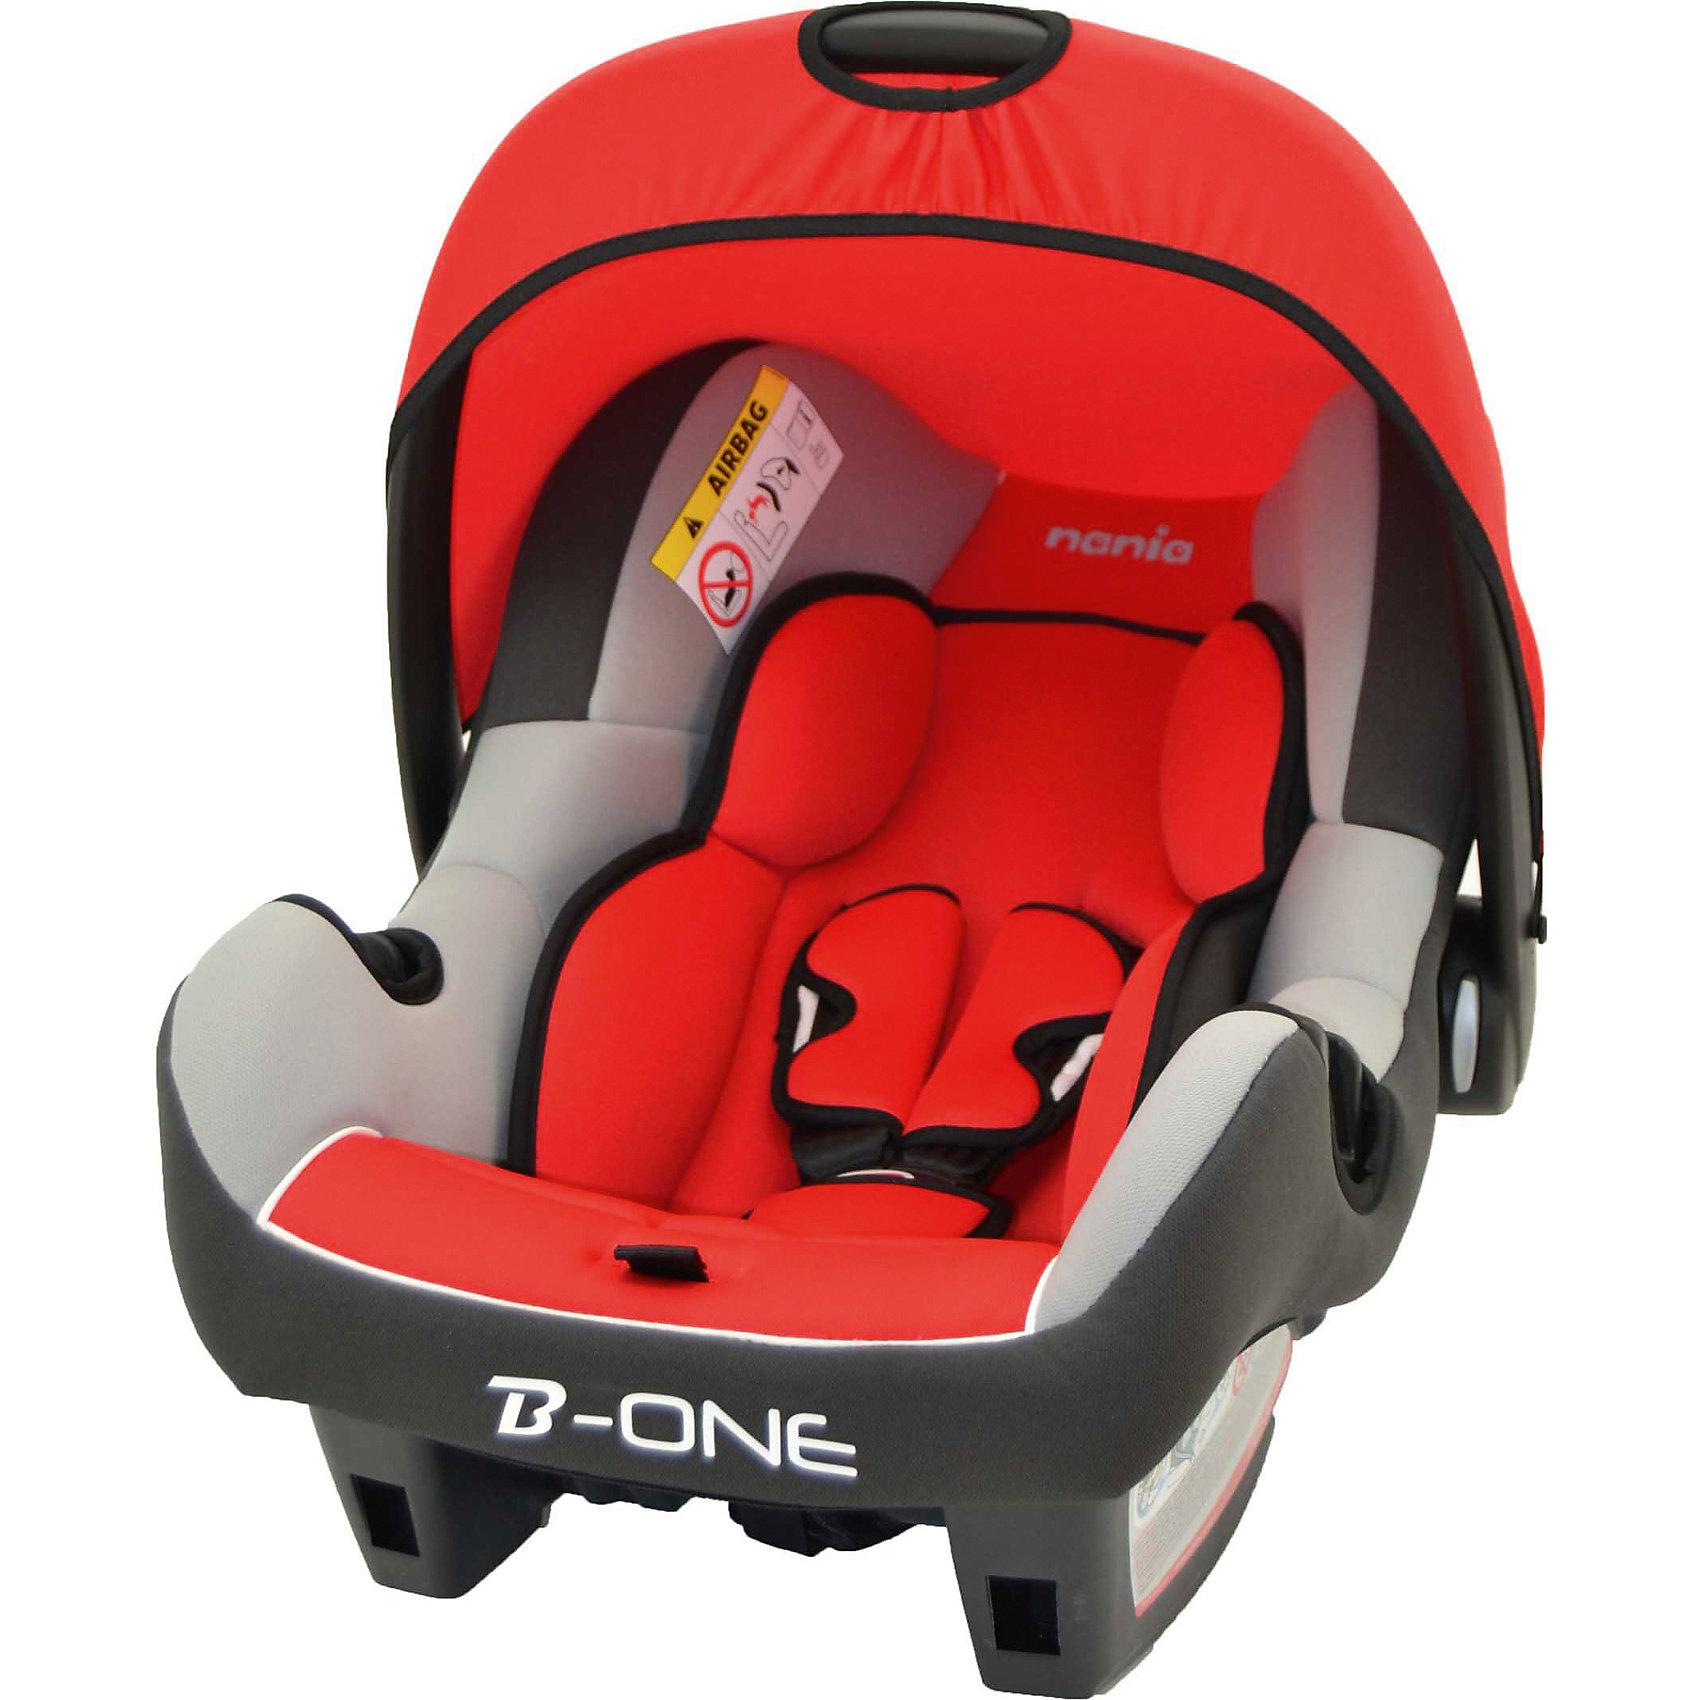 Автокресло Nania Beone SP LUX, 0-13 кг, agora carminГруппа 0+ (До 13 кг)<br>Характеристики автолюльки Nania Beone SP LUX:<br><br>• группа 0+;<br>• вес ребенка: до 13 кг;<br>• возраст ребенка: от рождения до 12 месяцев;<br>• способ установки: против хода движения автомобиля;<br>• способ крепления: штатными ремнями безопасности автомобиля;<br>• солнцезащитный тент, положение регулируется, тент можно снять совсем;<br>• анатомический вкладыш для новорожденного;<br>• 3-х точечные ремни безопасности с мягкими накладками;<br>• ручка для переноски автолюльки;<br>• возможность использовать автолюльку как кресло-качалку, при необходимости можно зафиксировать люльку, переместив ручку назад до упора;<br>• эргономичная чаша автокресла;<br>• дополнительная защита от боковых ударов, система SP (side protection);<br>• съемные чехлы, стирка при температуре 30 градусов;<br>• материал: пластик, полиэстер, полипропилен;<br>• стандарт безопасности: ЕСЕ R44/04.<br><br>Размер автокресла: 70х47х40 см<br>Вес автокресла: 3,2 кг<br><br>Автолюлька для новорожденных устанавливается на заднем сиденье автомобиля лицом против хода движения автомобиля. Специальная жесткая ручка позволяет использовать автолюльку в качестве переноски, чтобы не потревожить спящего малыша. Глубокая чаша и капор обеспечивают комфортное положение ребенка в автокресле с защитой от солнечных лучей. <br><br>Автокресло Beone SP LUX, 0-13 кг., Nania, agora carmin можно купить в нашем интернет-магазине.<br><br>Ширина мм: 400<br>Глубина мм: 390<br>Высота мм: 720<br>Вес г: 7690<br>Возраст от месяцев: 0<br>Возраст до месяцев: 15<br>Пол: Унисекс<br>Возраст: Детский<br>SKU: 4074769